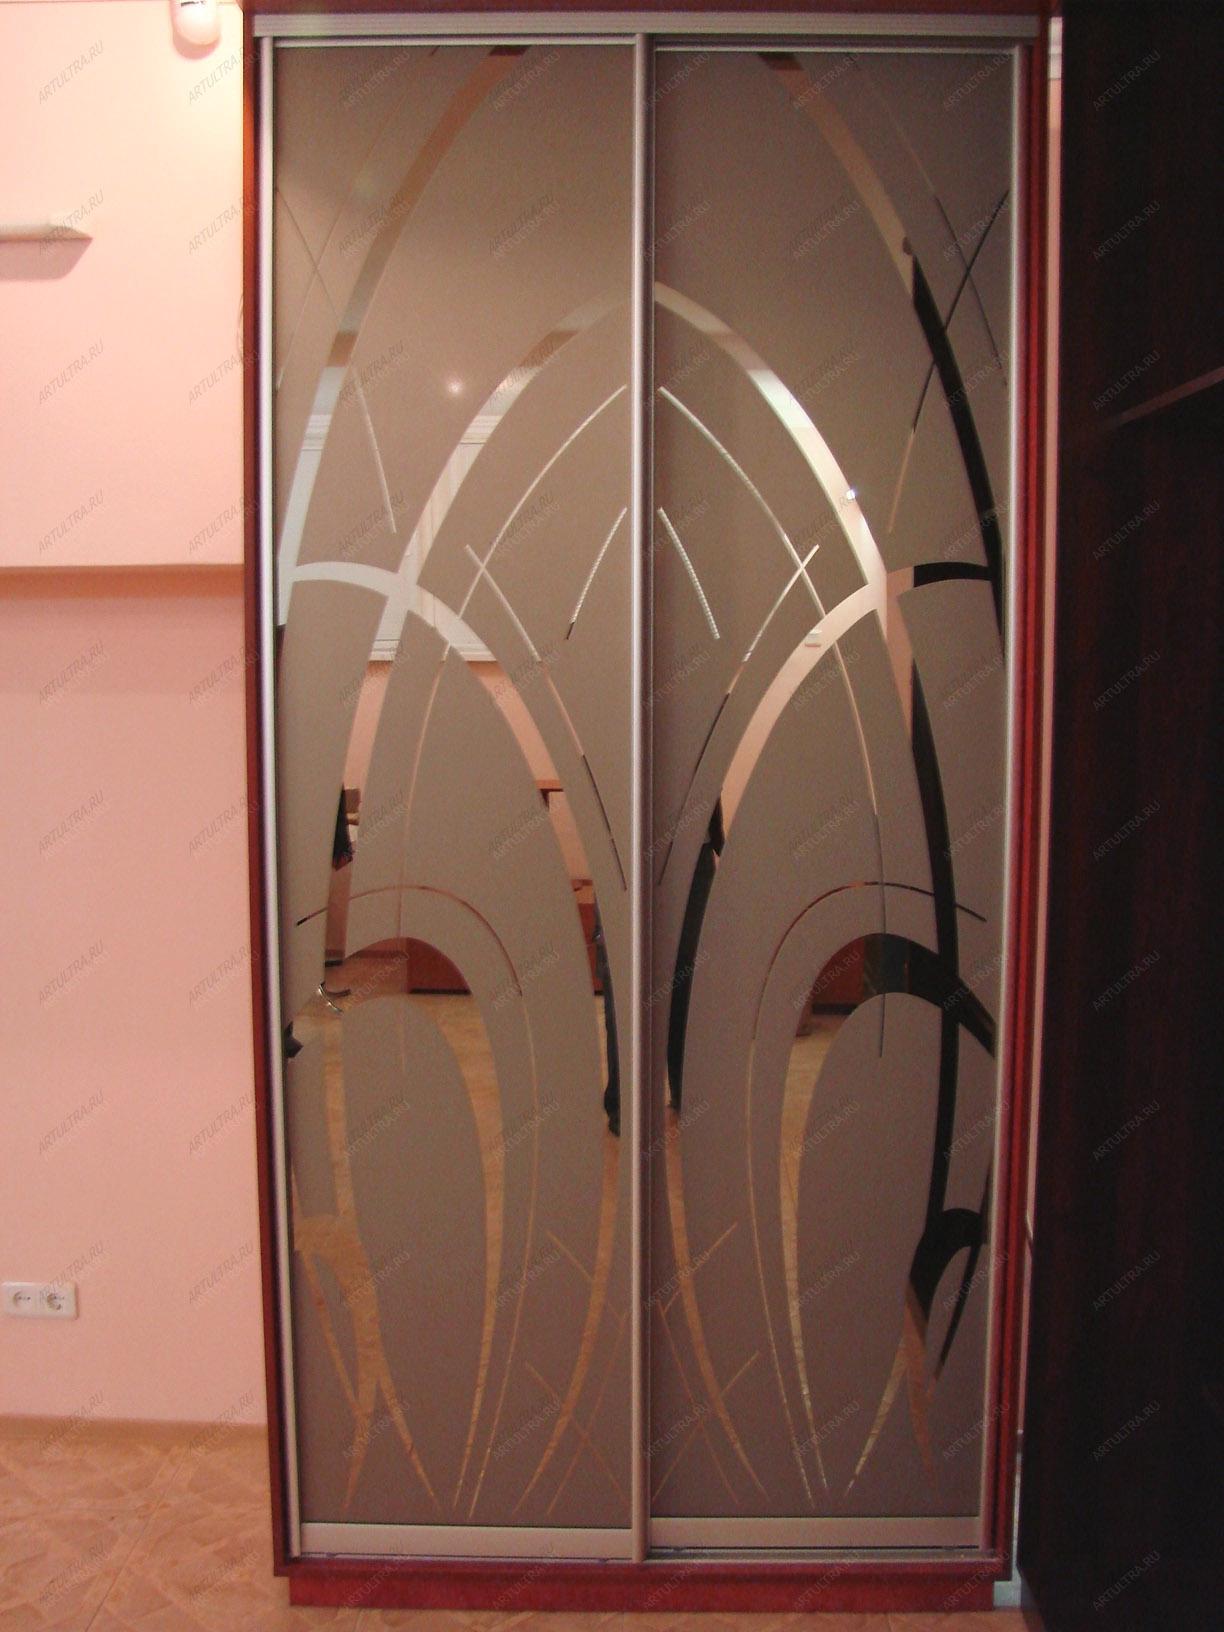 актуальную информацию двери с зеркалом и узорами сети